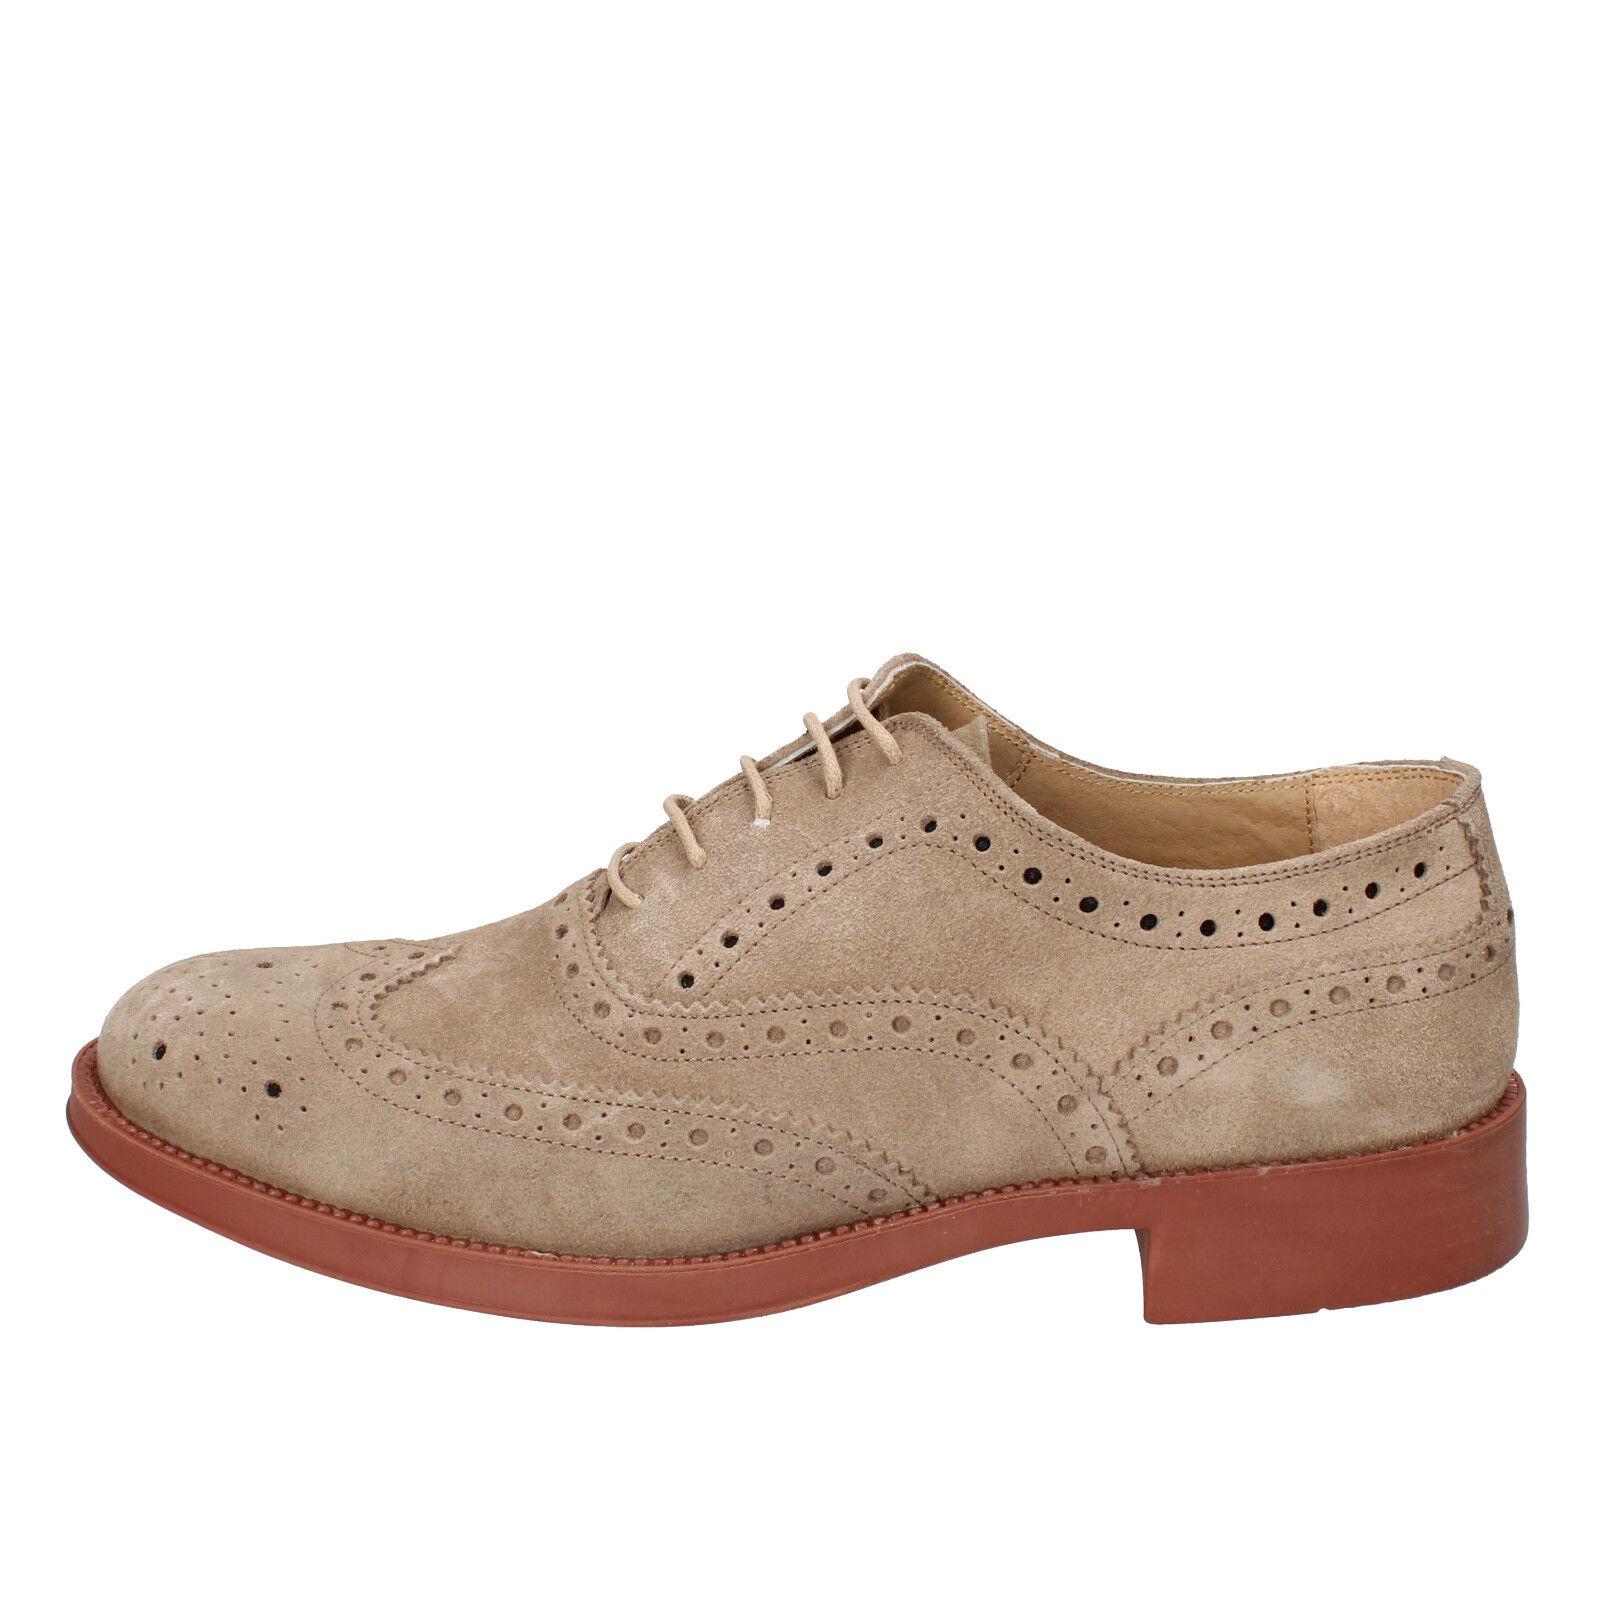 scarpe uomo L&G 43 classiche beige camoscio AB659-D